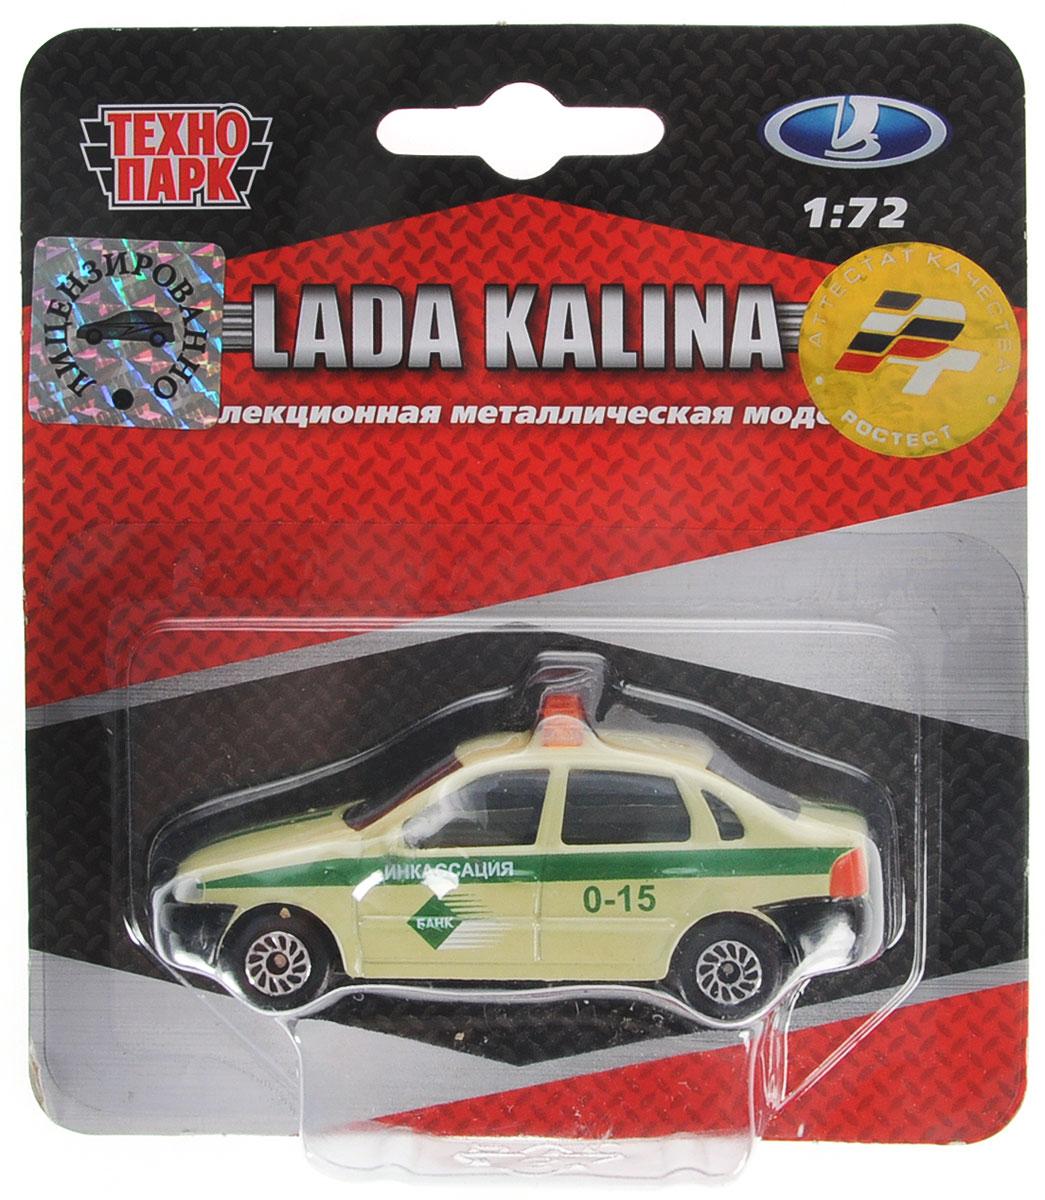 ТехноПарк Модель автомобиля Lada Kalina Инкассация